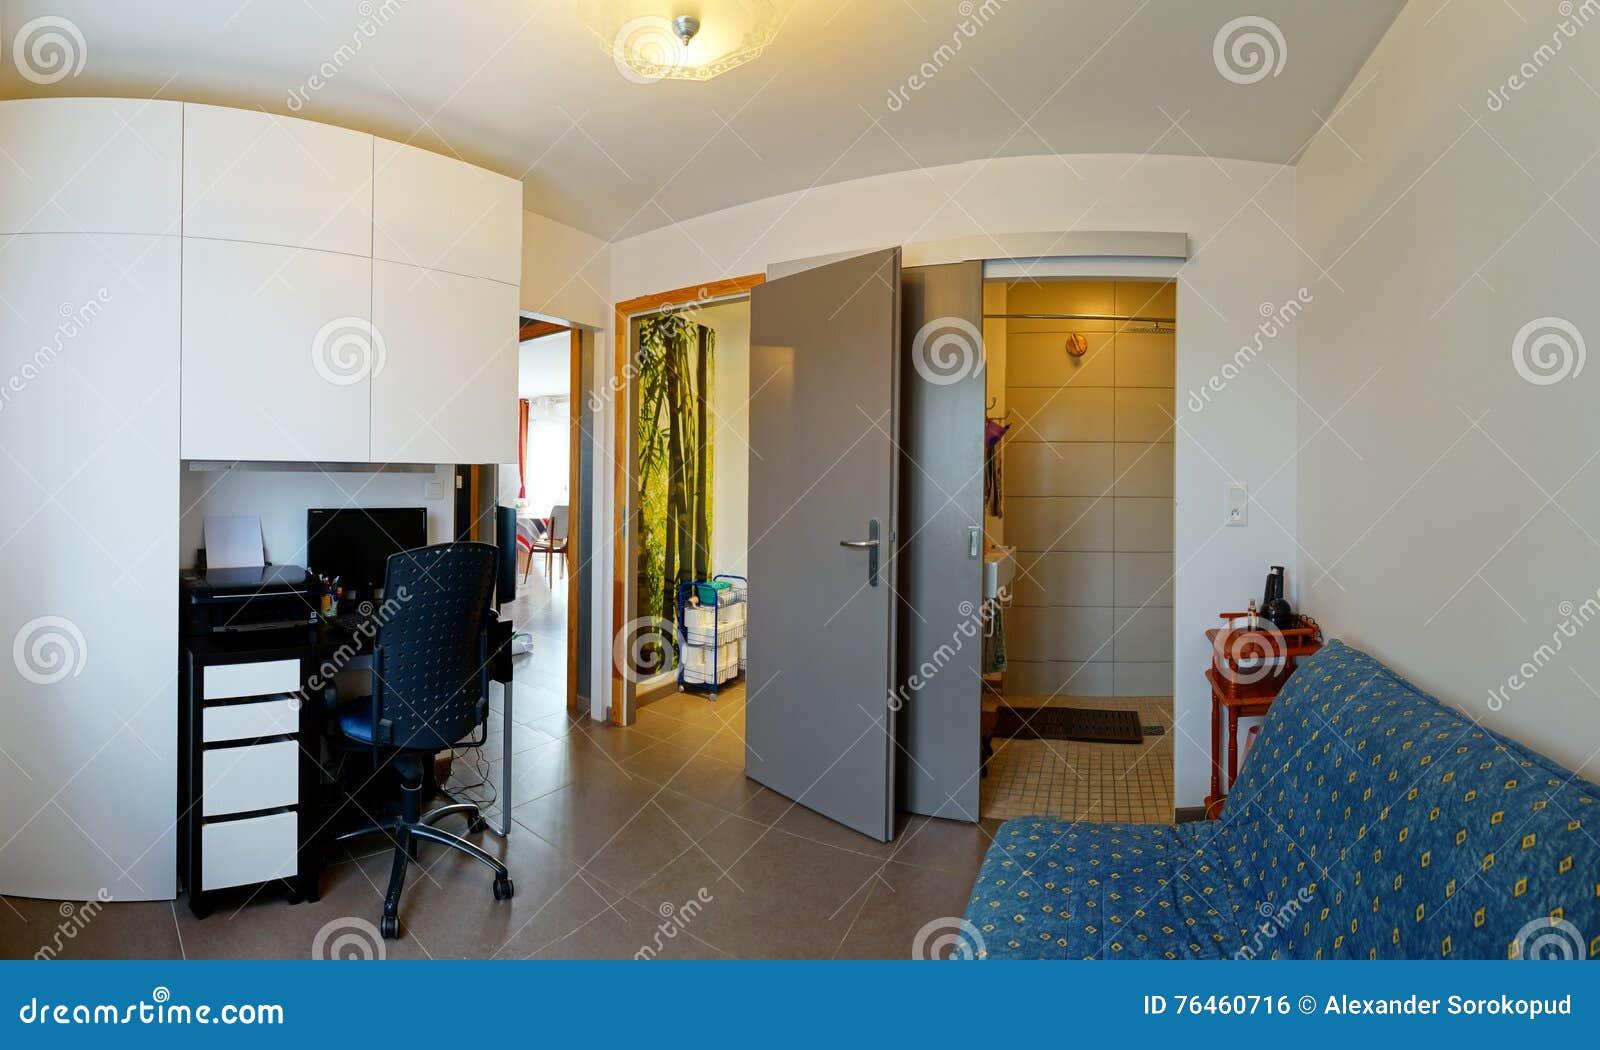 Appartamento In Famiglia Della Piccola E Camera Da Letto ...